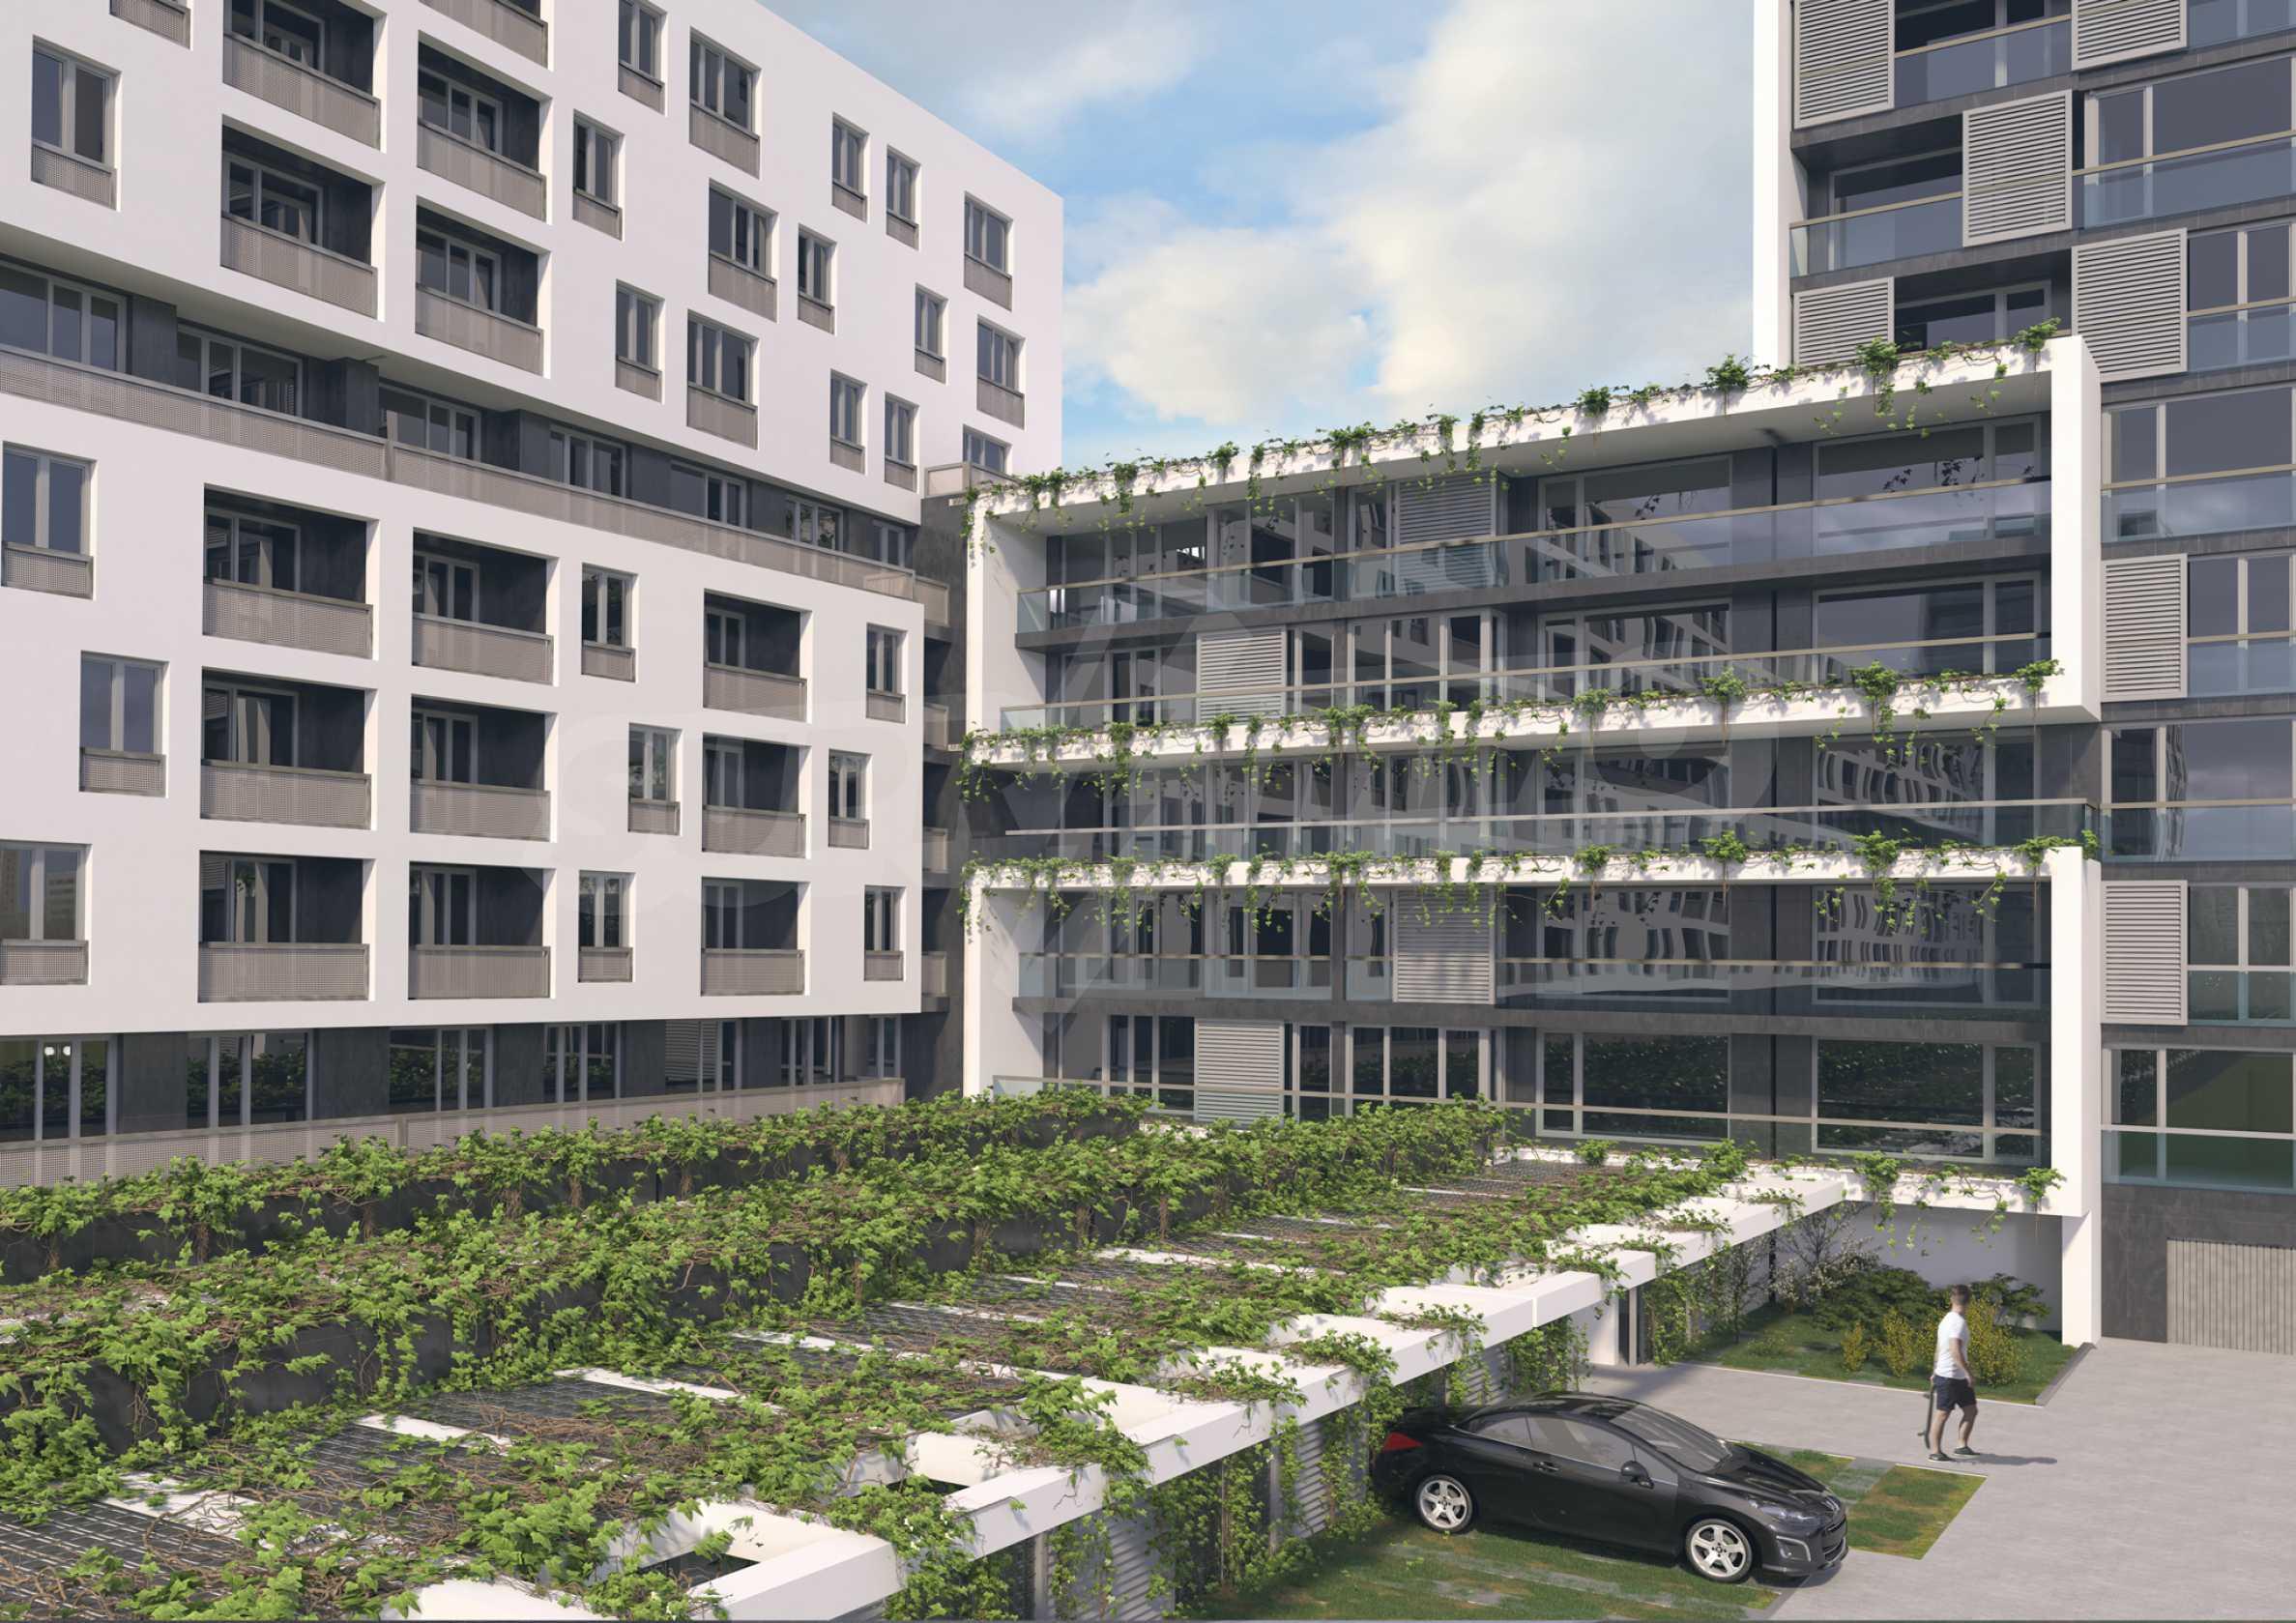 Exklusives Wohnprojekt in einer ruhigen Grünlage nahe Zentrum 11